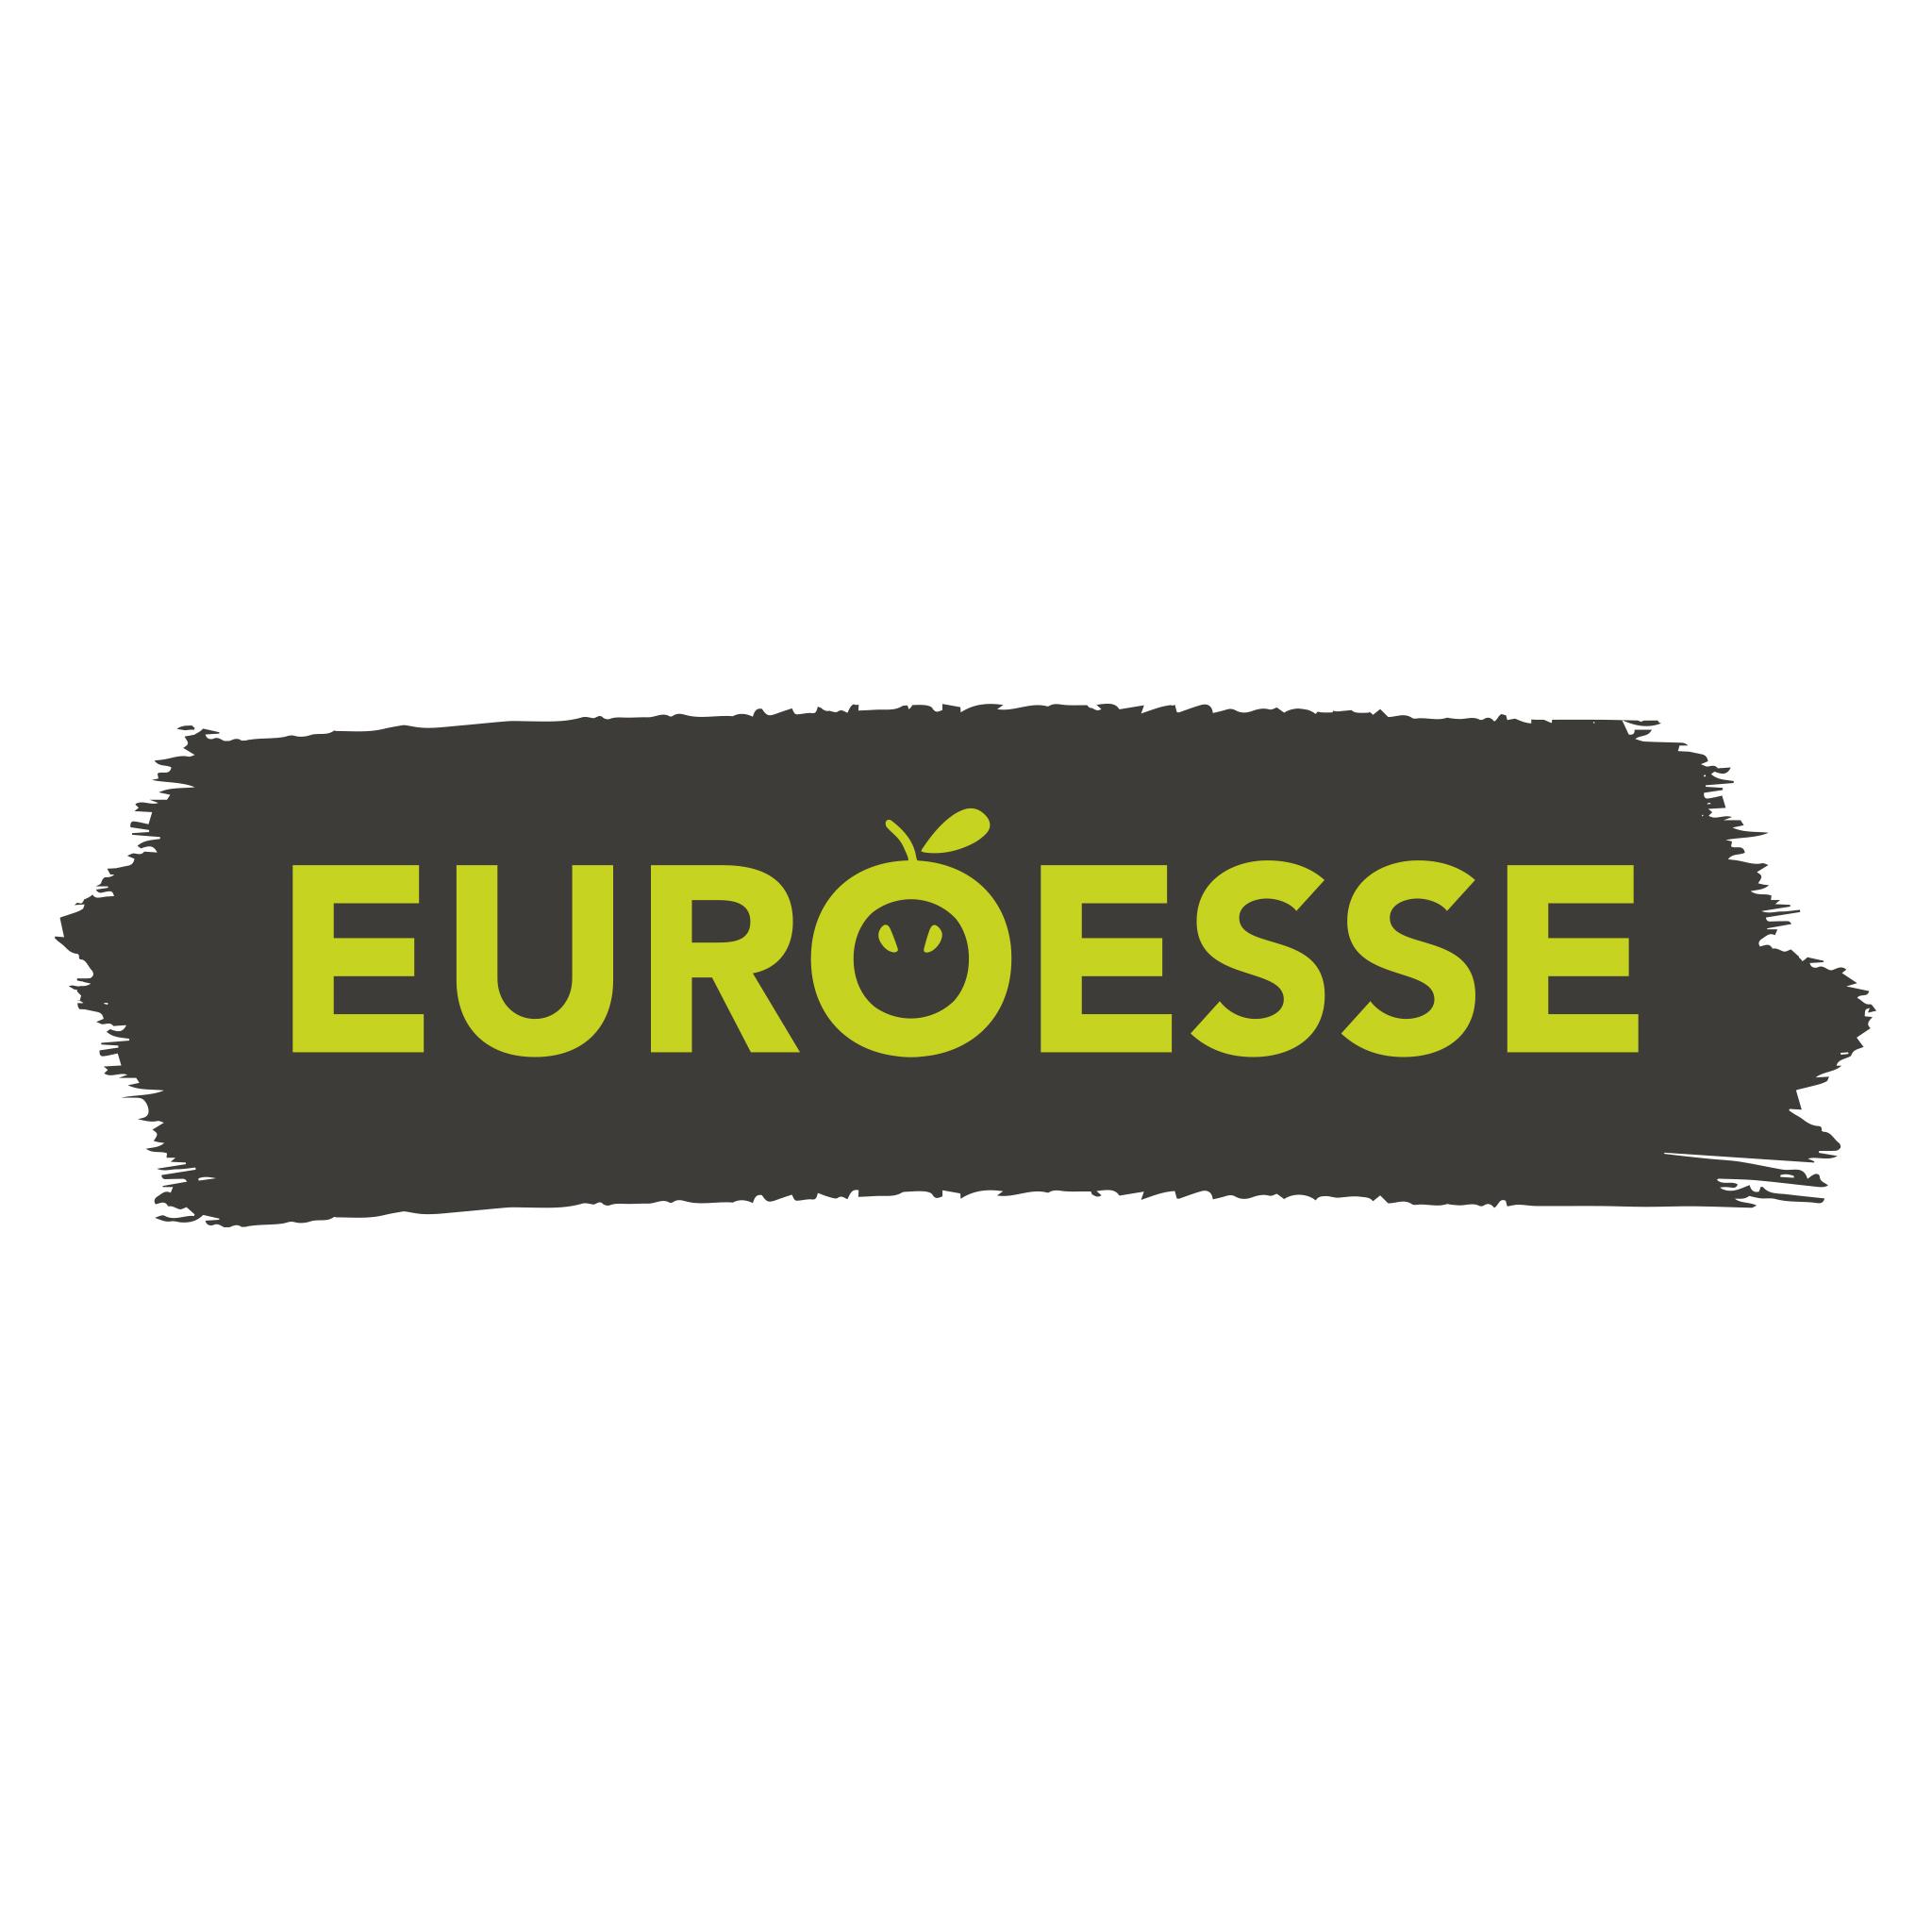 Logo Euroesse GDO (Grande Distribuzione Organizzata)